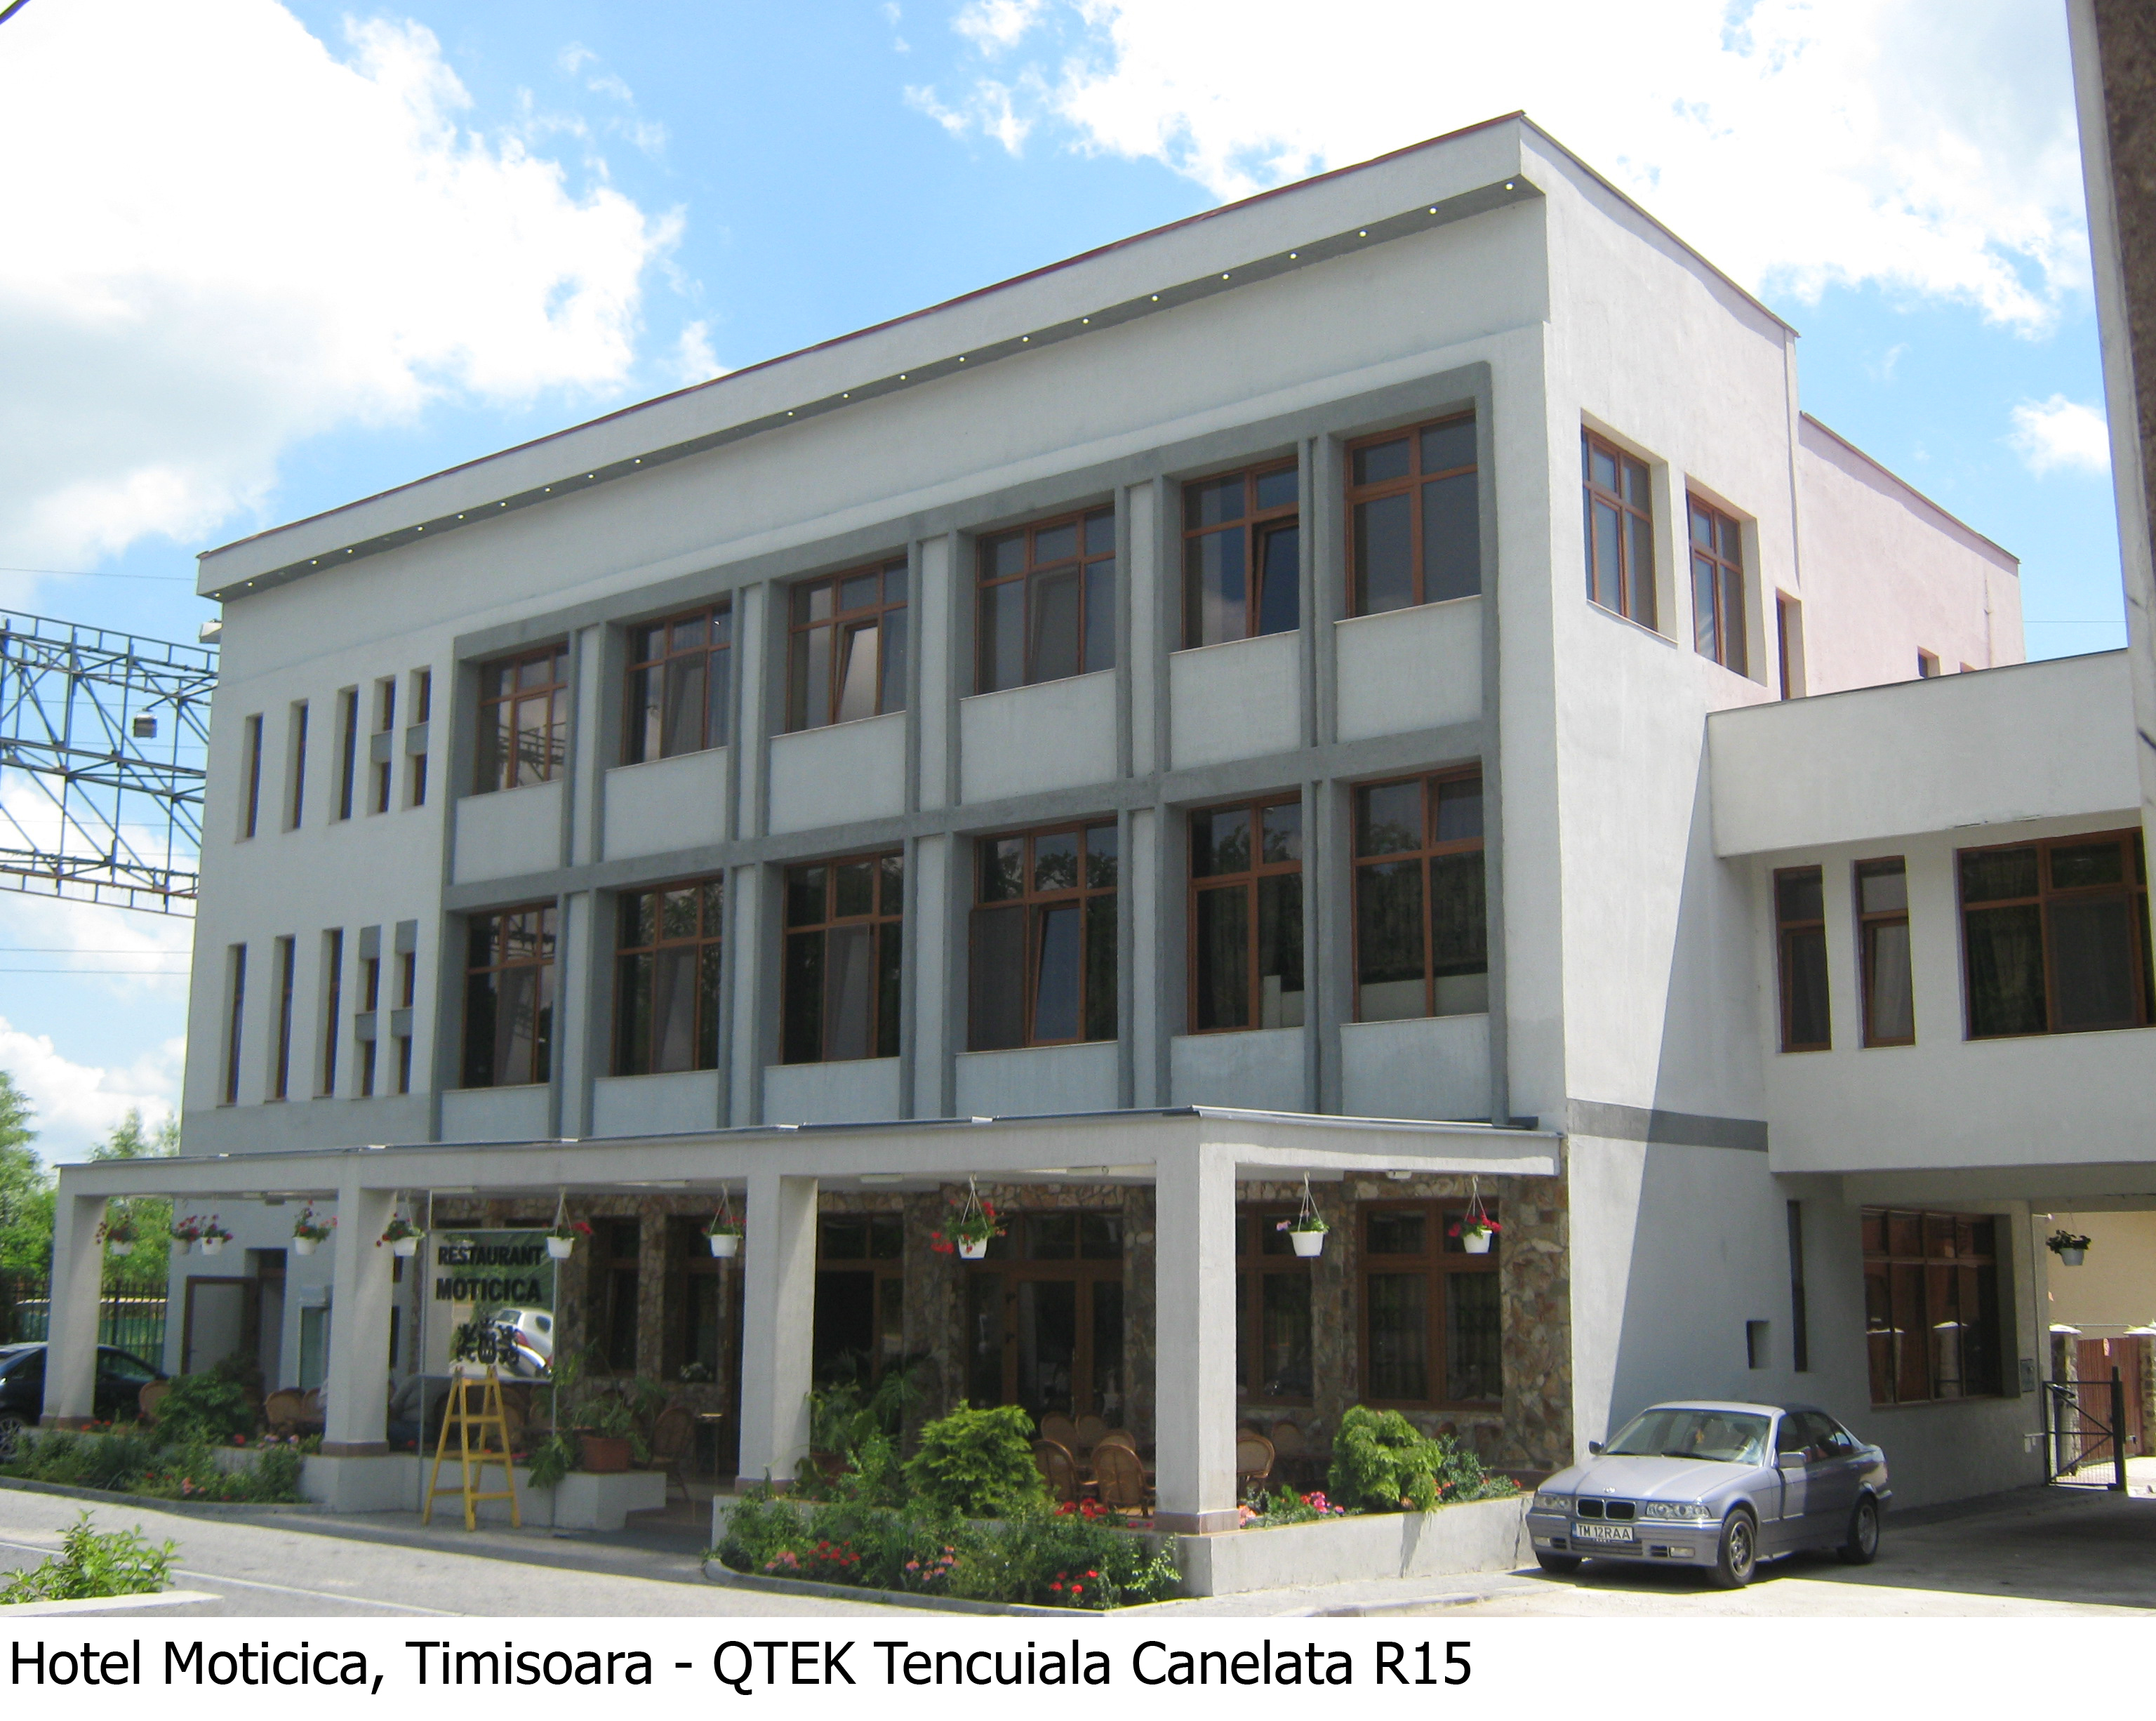 Tencuieli decorative QTEK - Poza 7